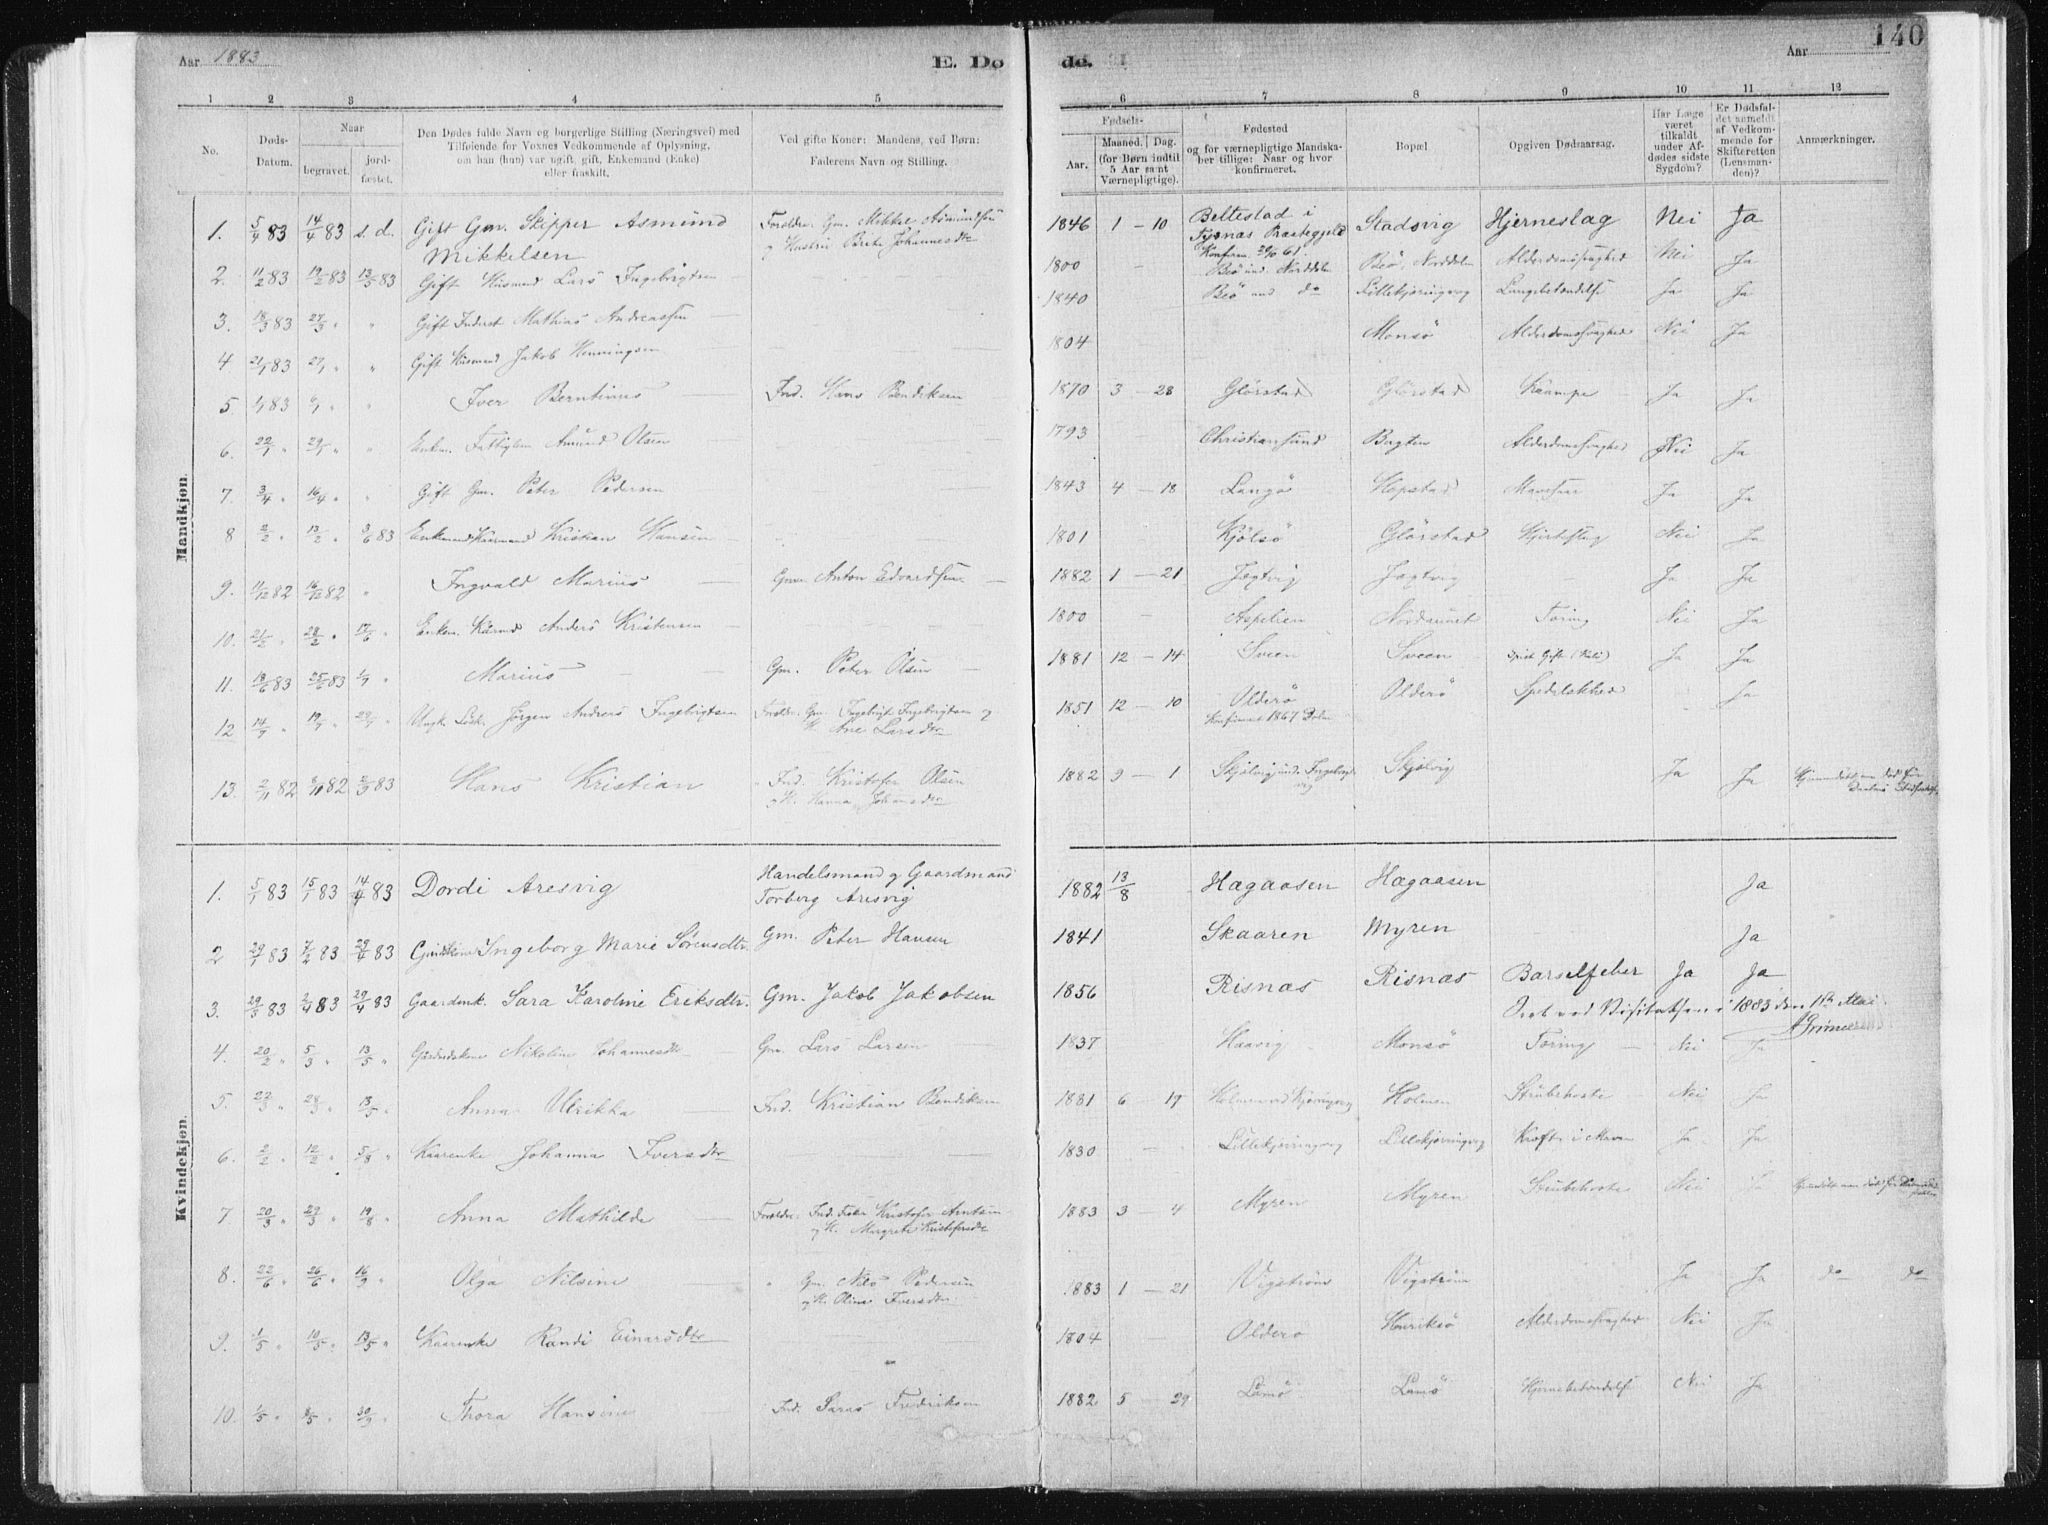 SAT, Ministerialprotokoller, klokkerbøker og fødselsregistre - Sør-Trøndelag, 634/L0533: Ministerialbok nr. 634A09, 1882-1901, s. 140